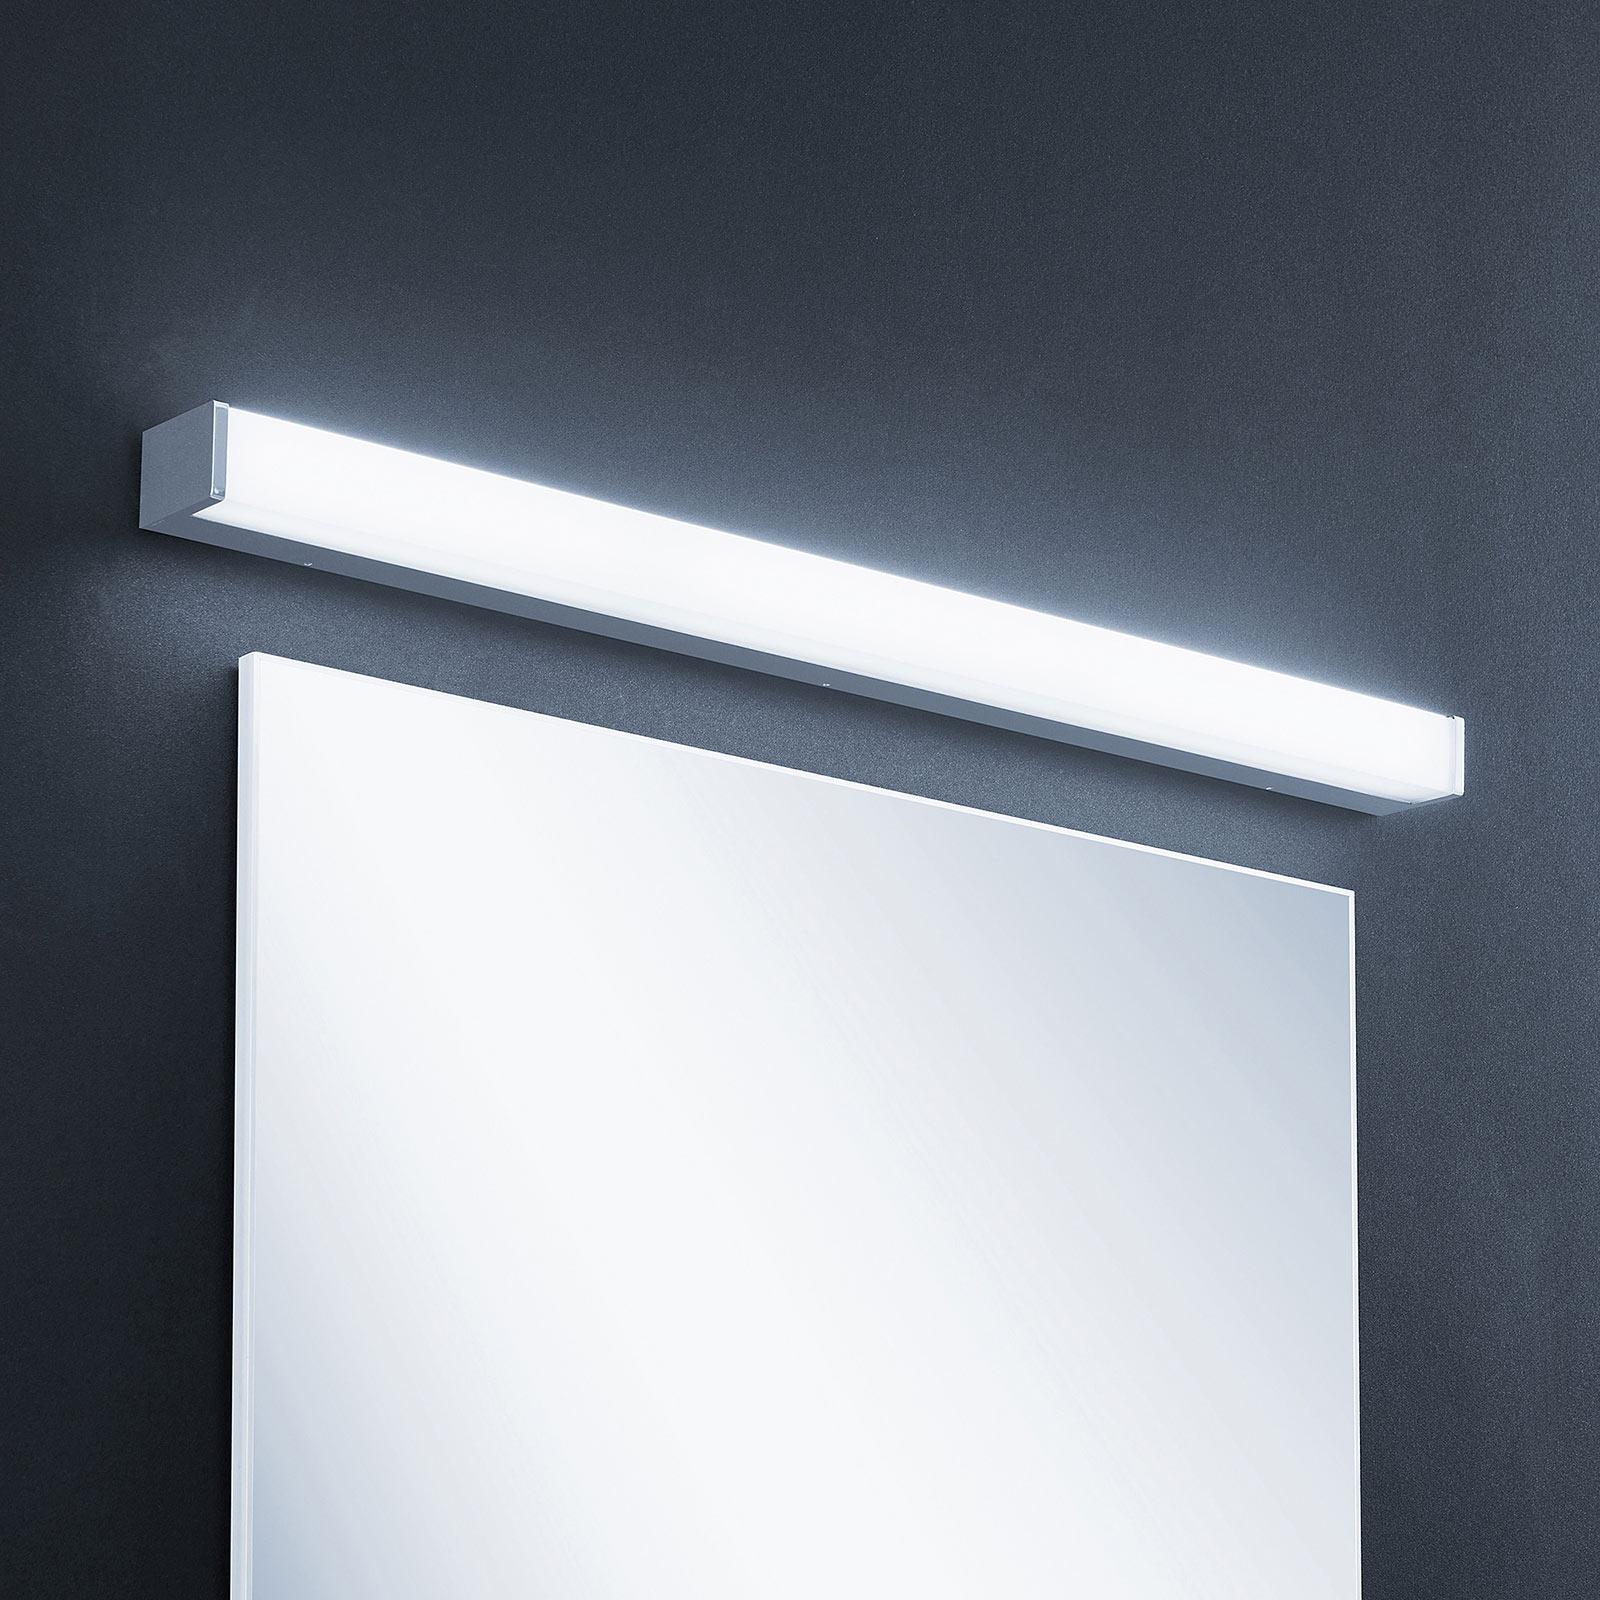 Lindby Klea lámpara LED para cuarto de baño, 90 cm